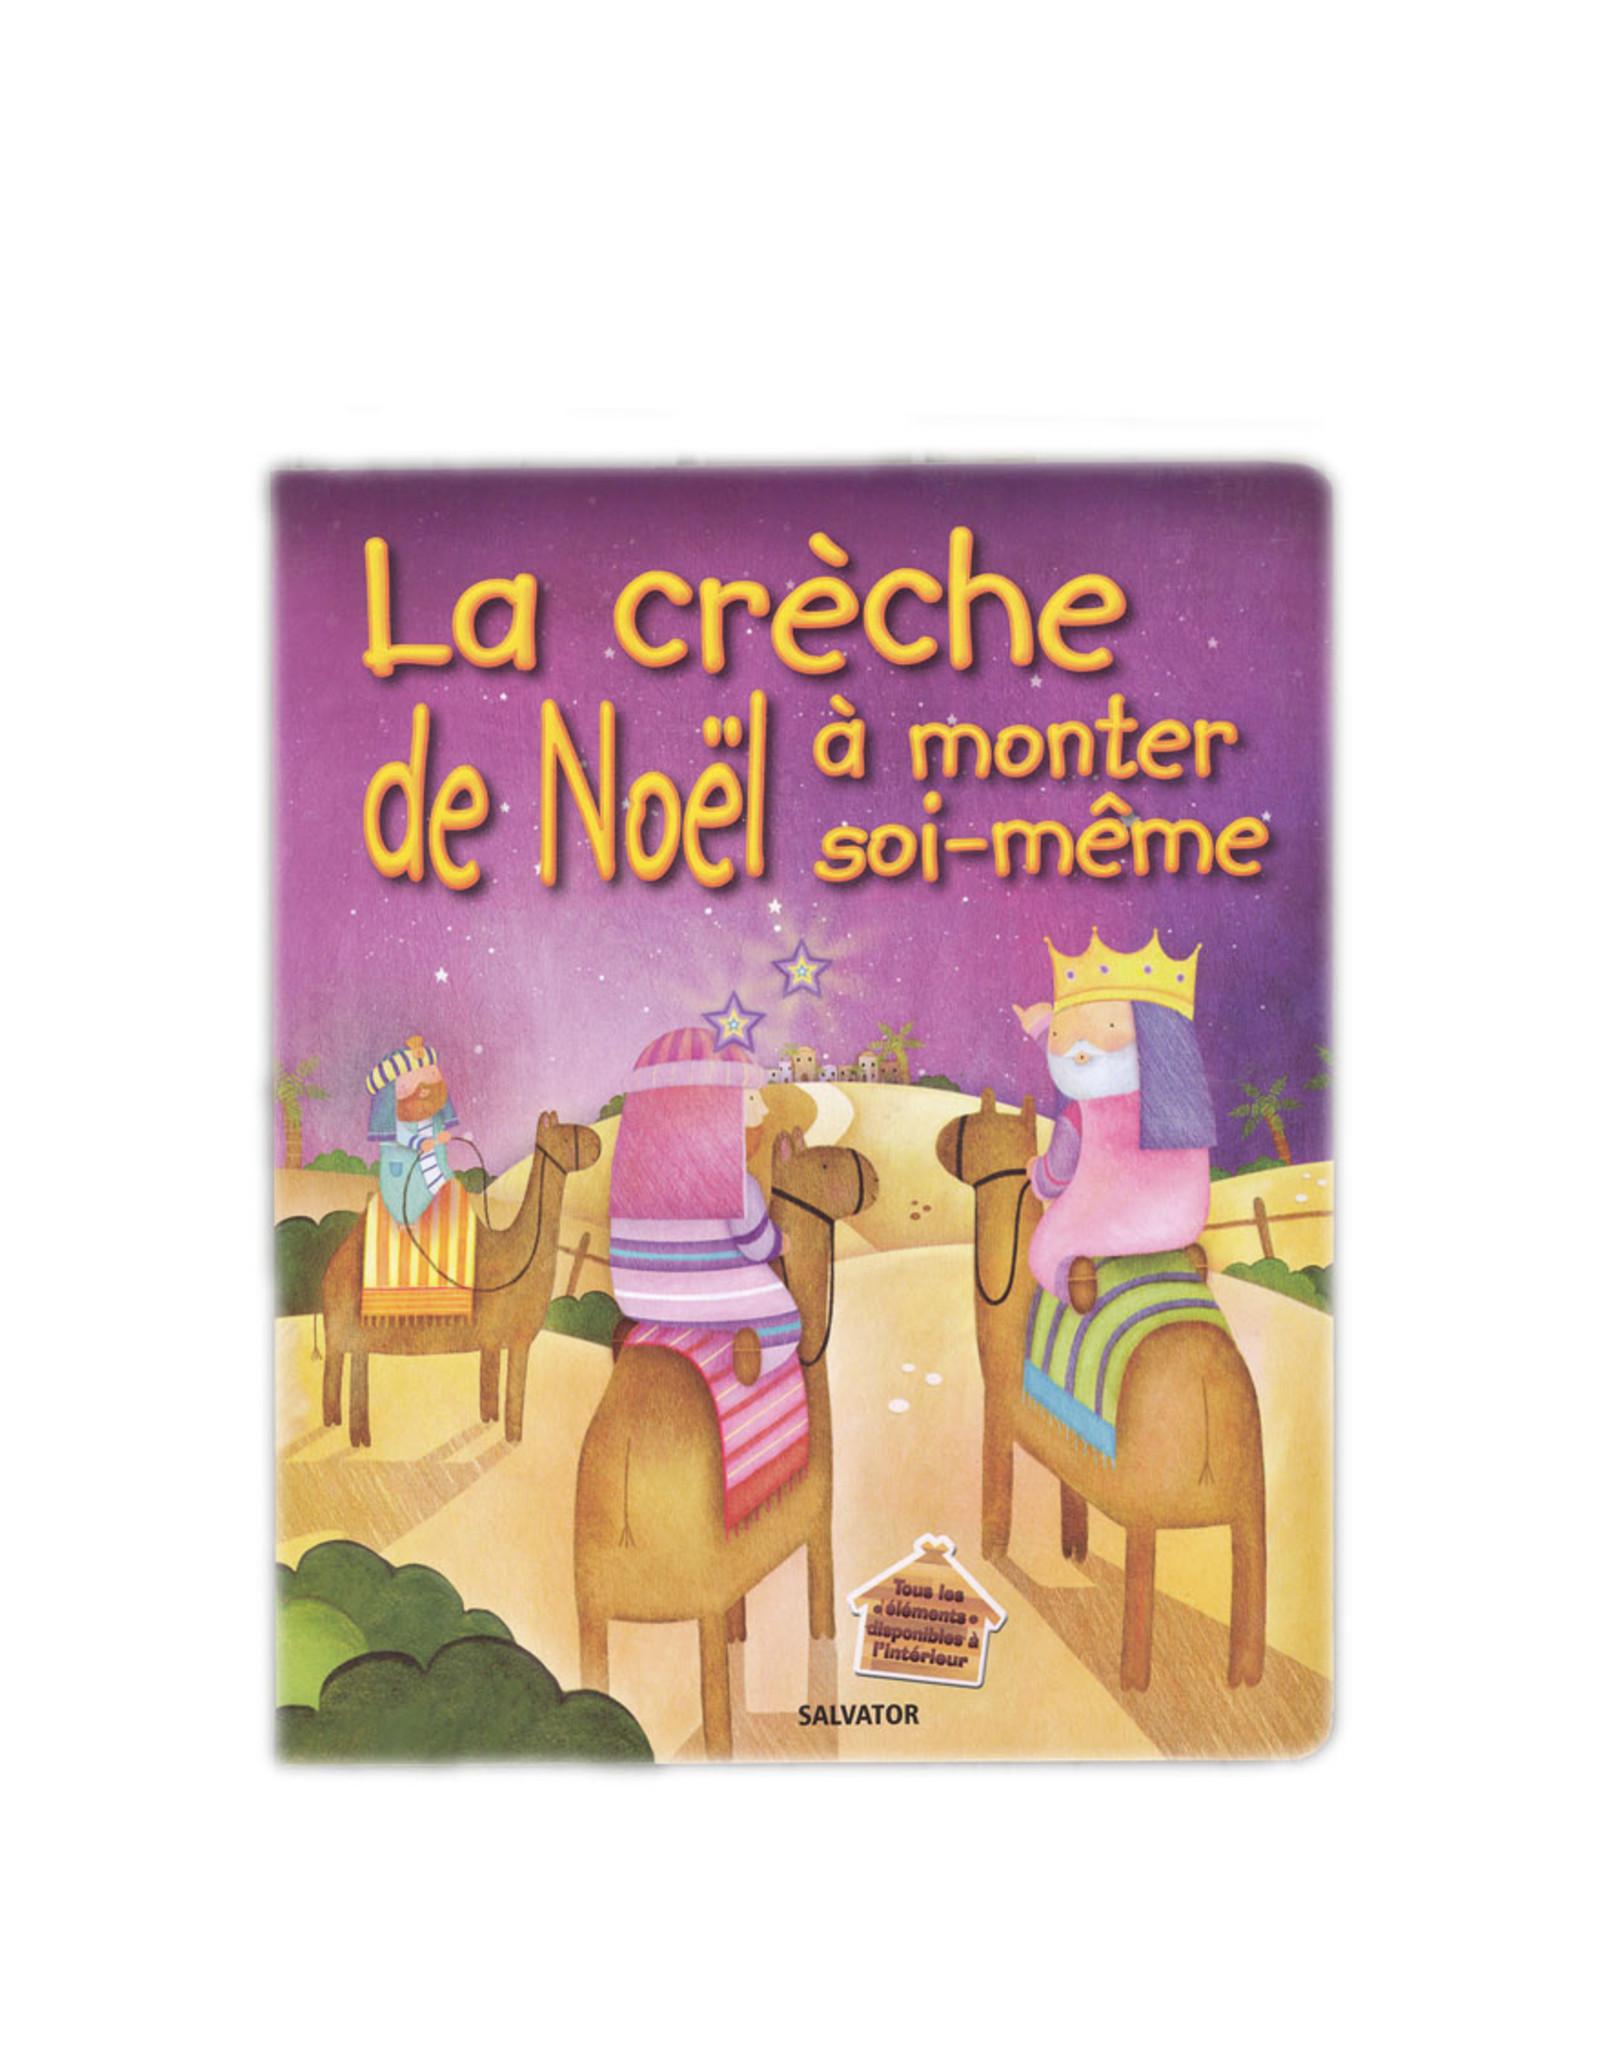 La crèche de Noël à monter soi-même (french)